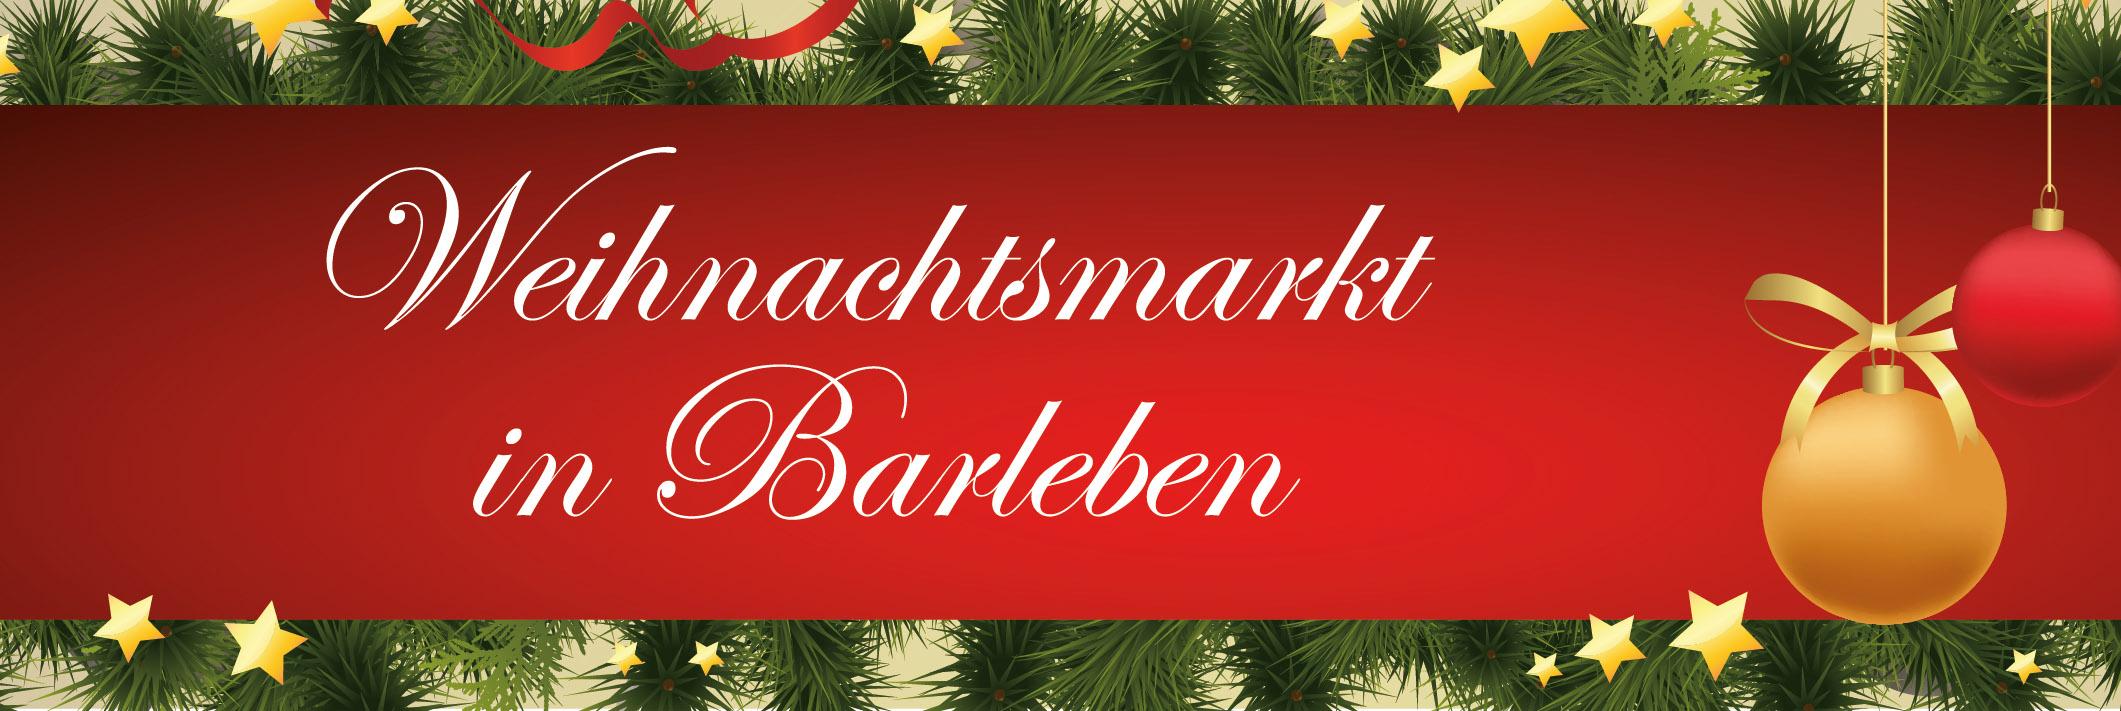 Weihnachtsmarkt in Barleben